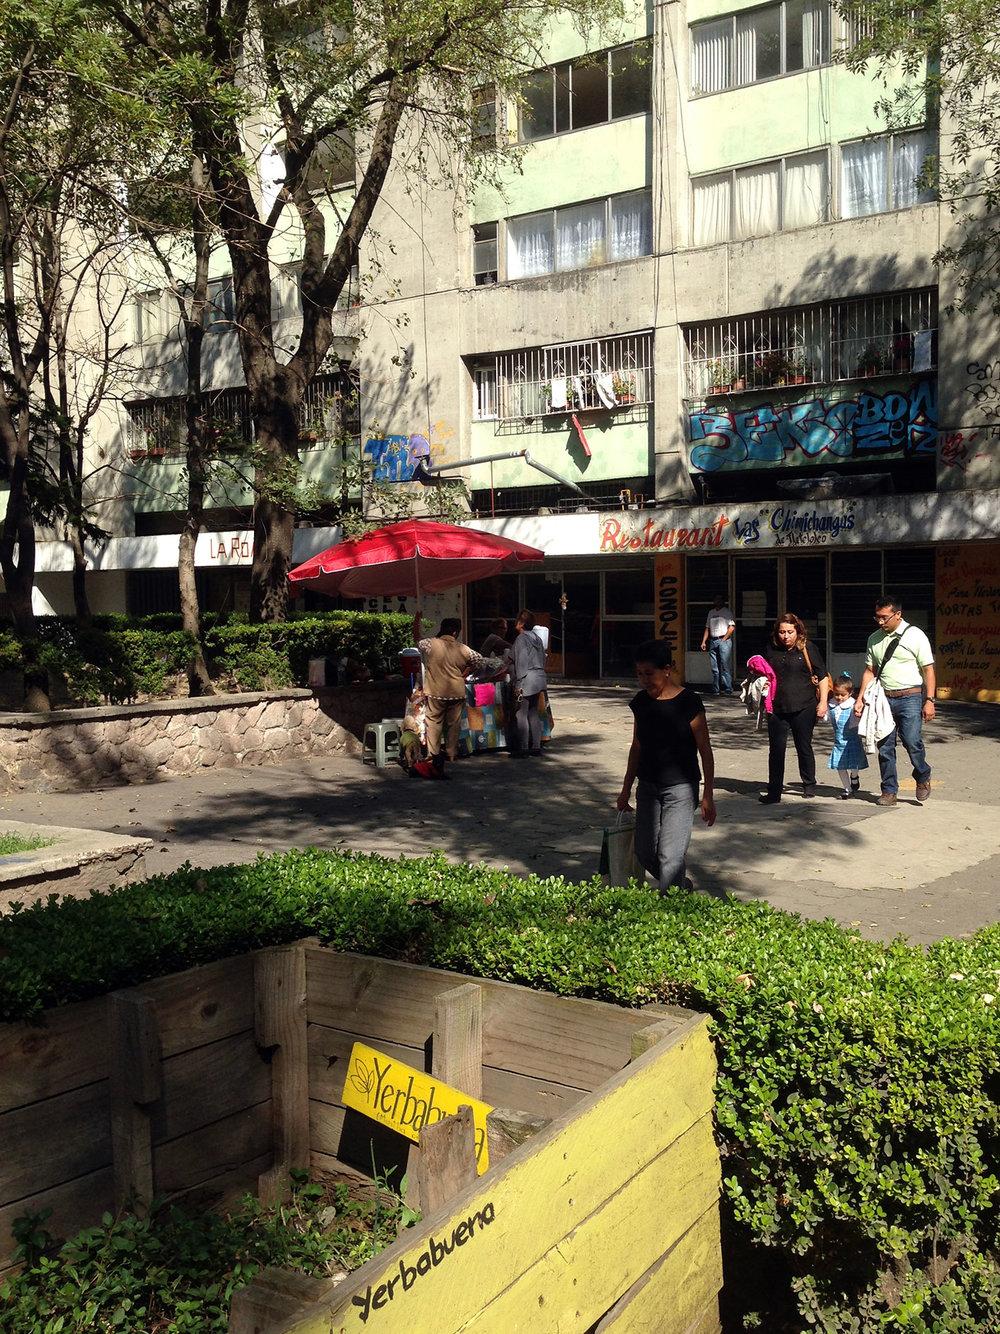 LocalLegends_Tlaltelolco_MarianaE_medium.jpg